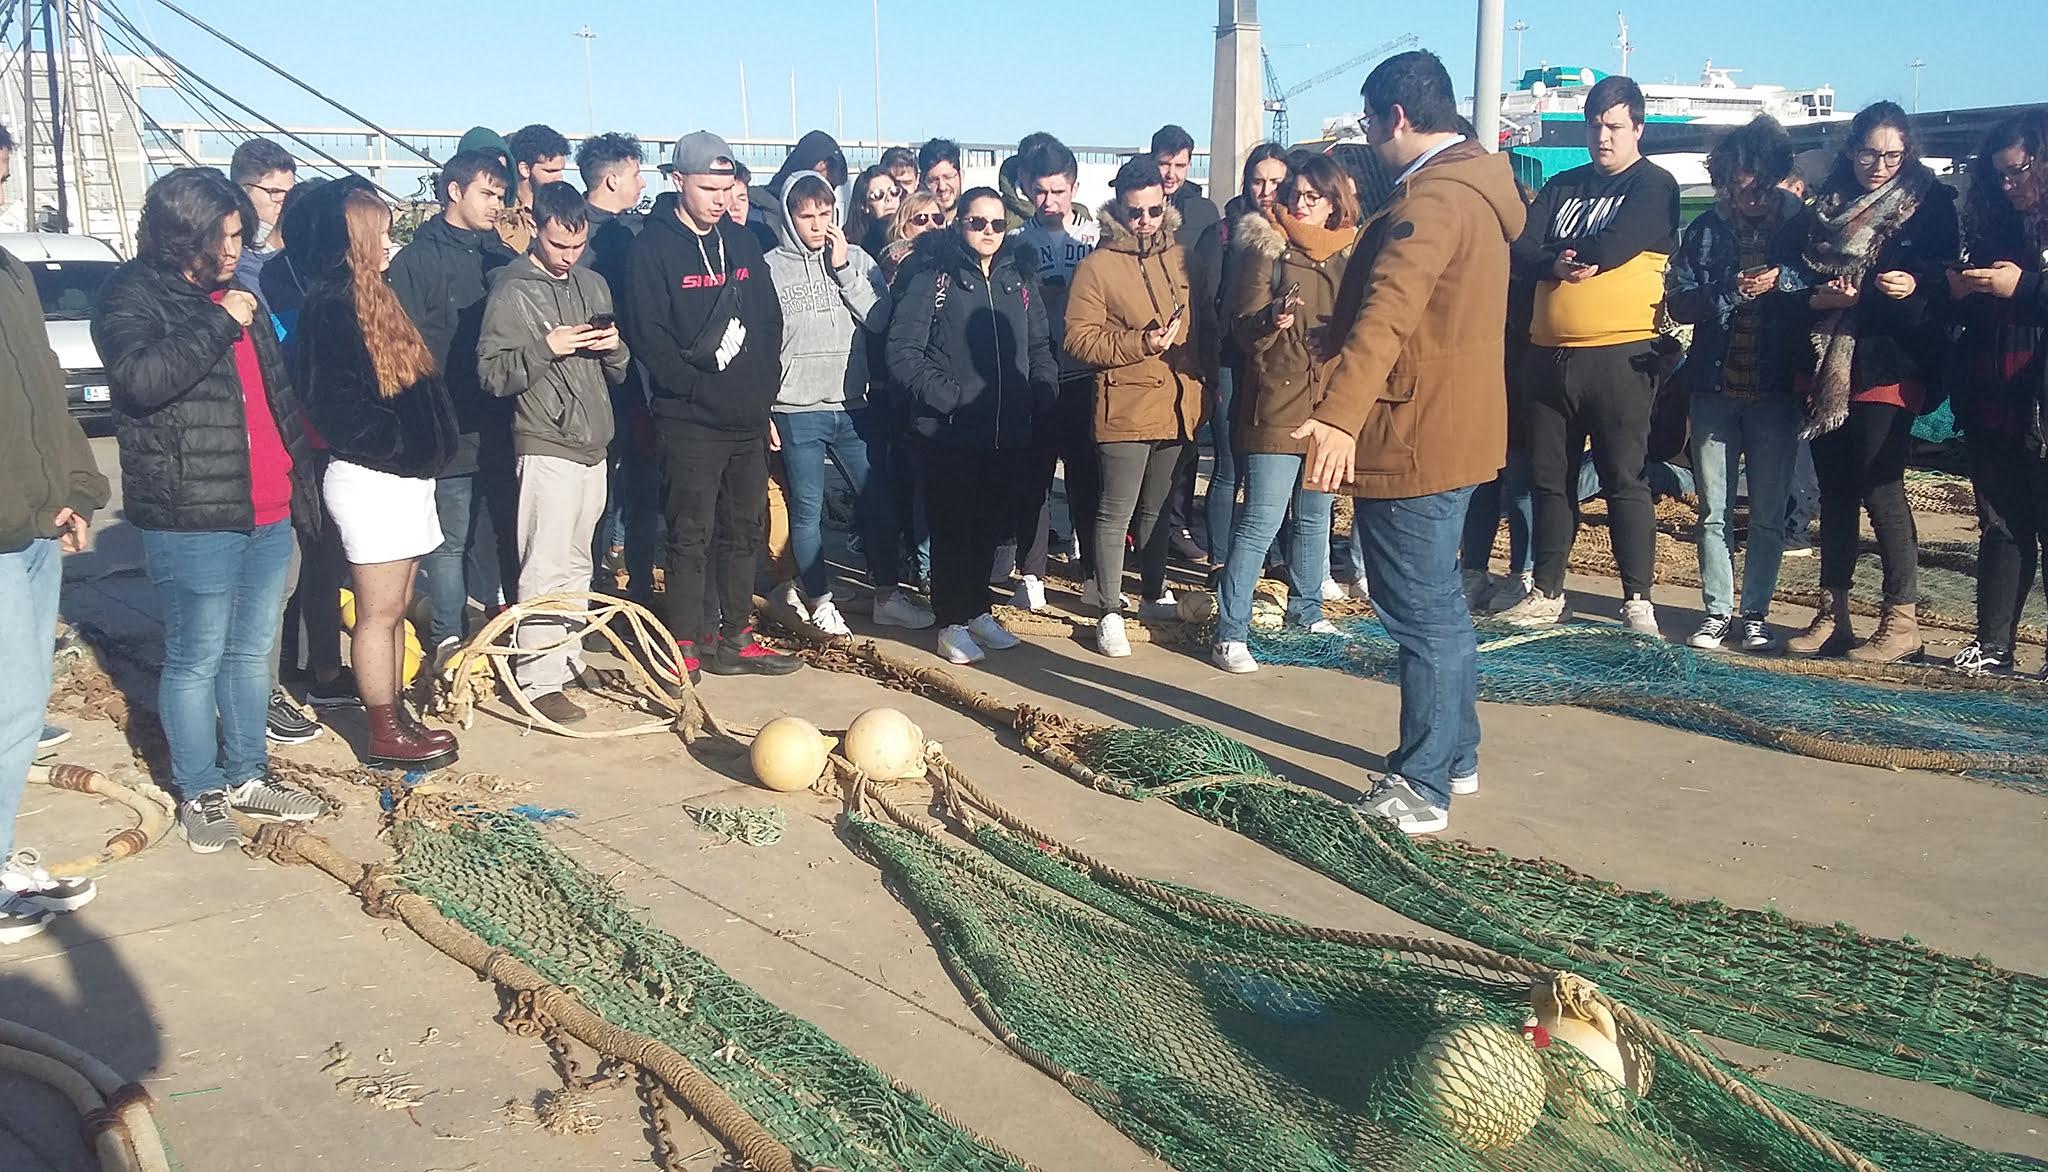 Studenten der Universität Alicante auf dem Fischmarkt